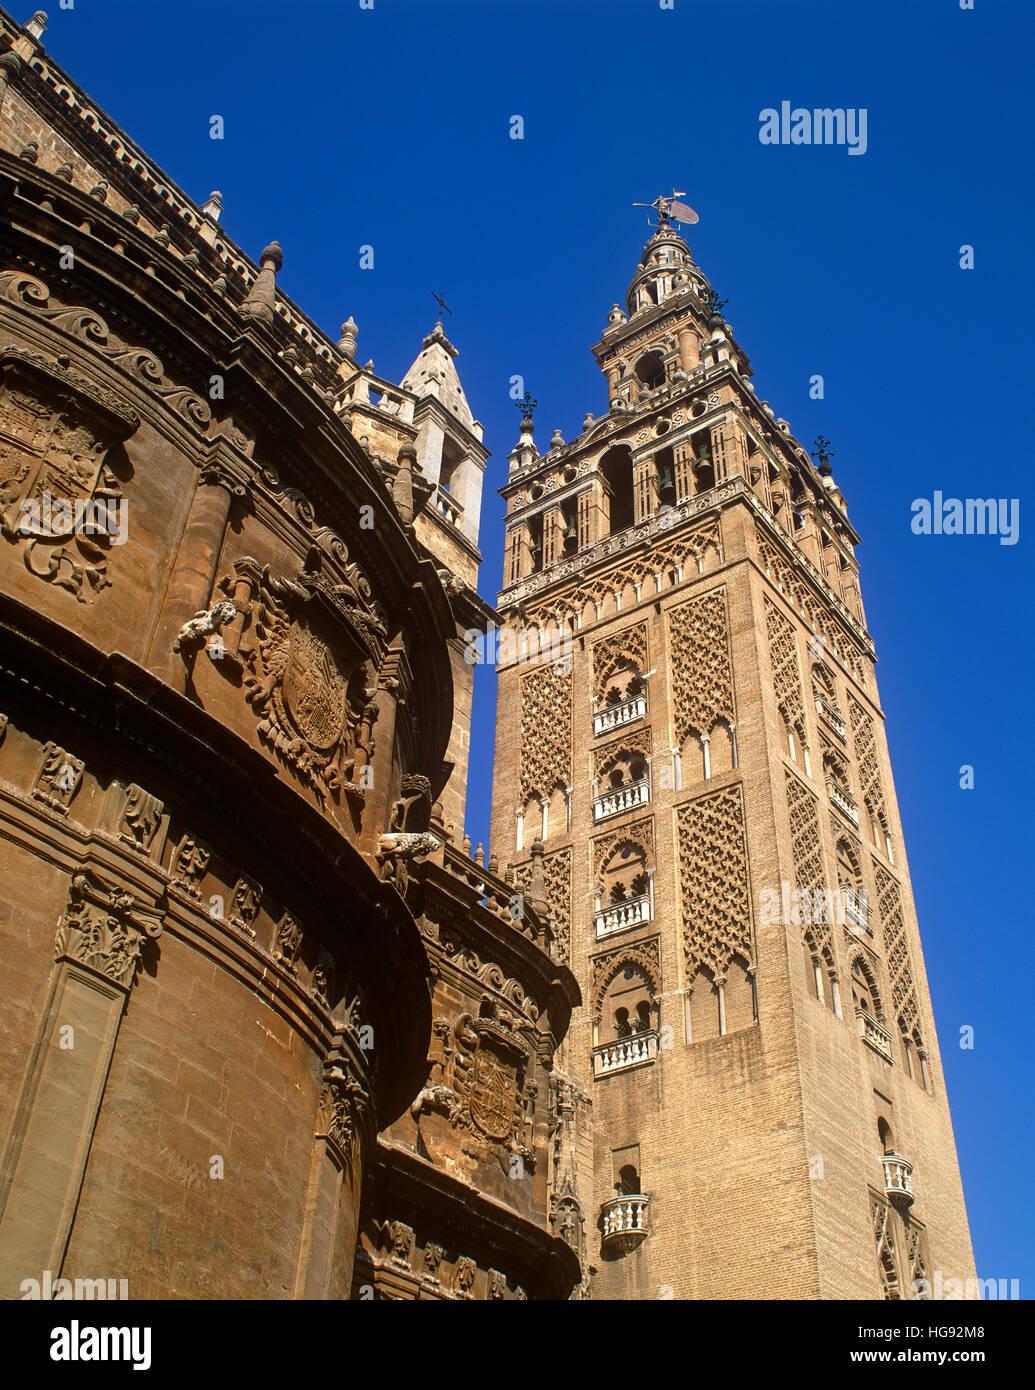 La torre de la Giralda, Sevilla, Andalucía, España Imagen De Stock